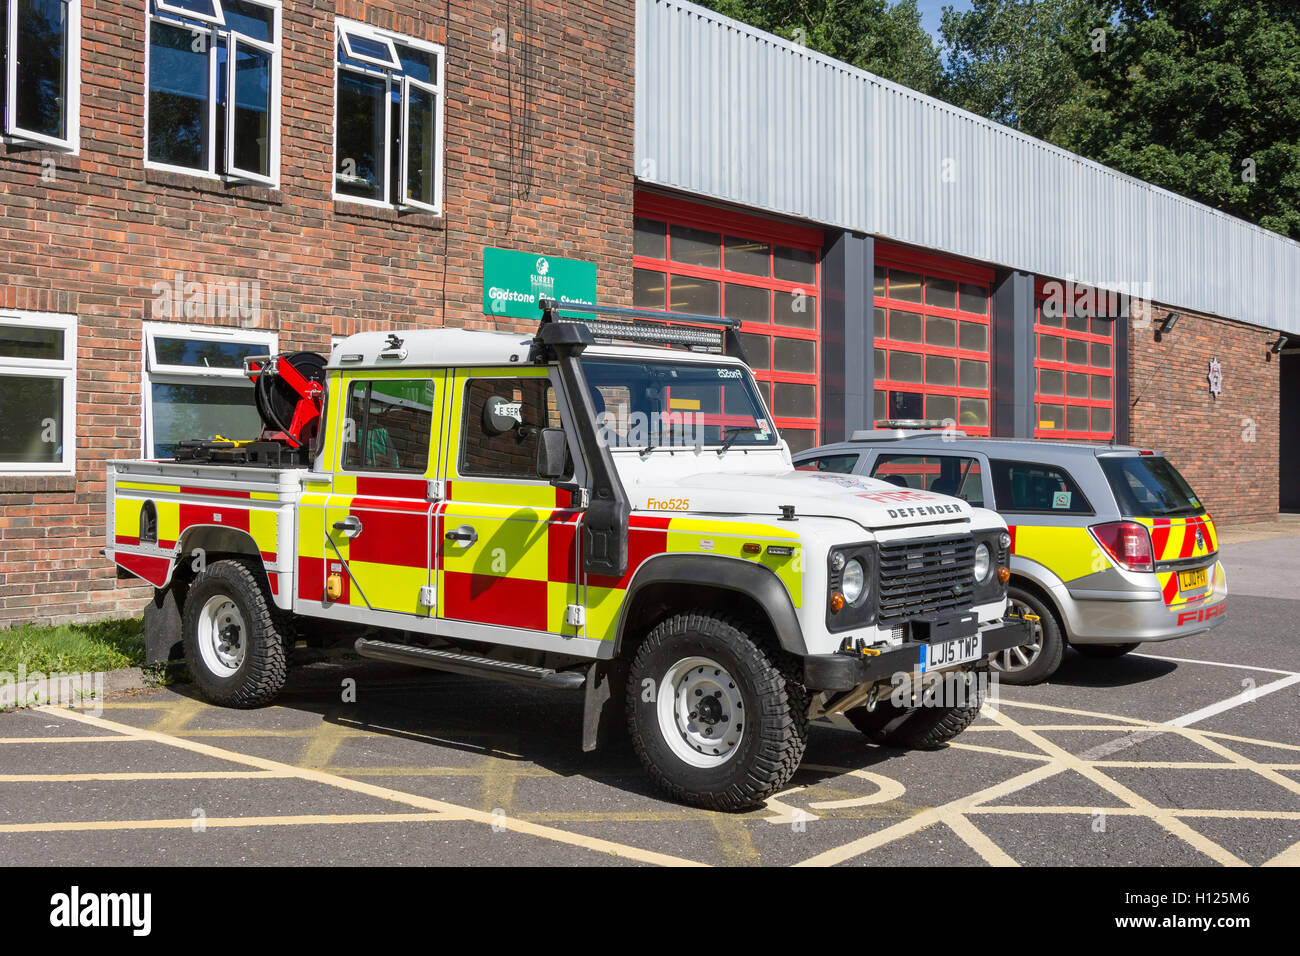 Véhicules d'incendie en dehors de Godstone Fire Station, Godstone, Surrey, Angleterre, Royaume-Uni Photo Stock